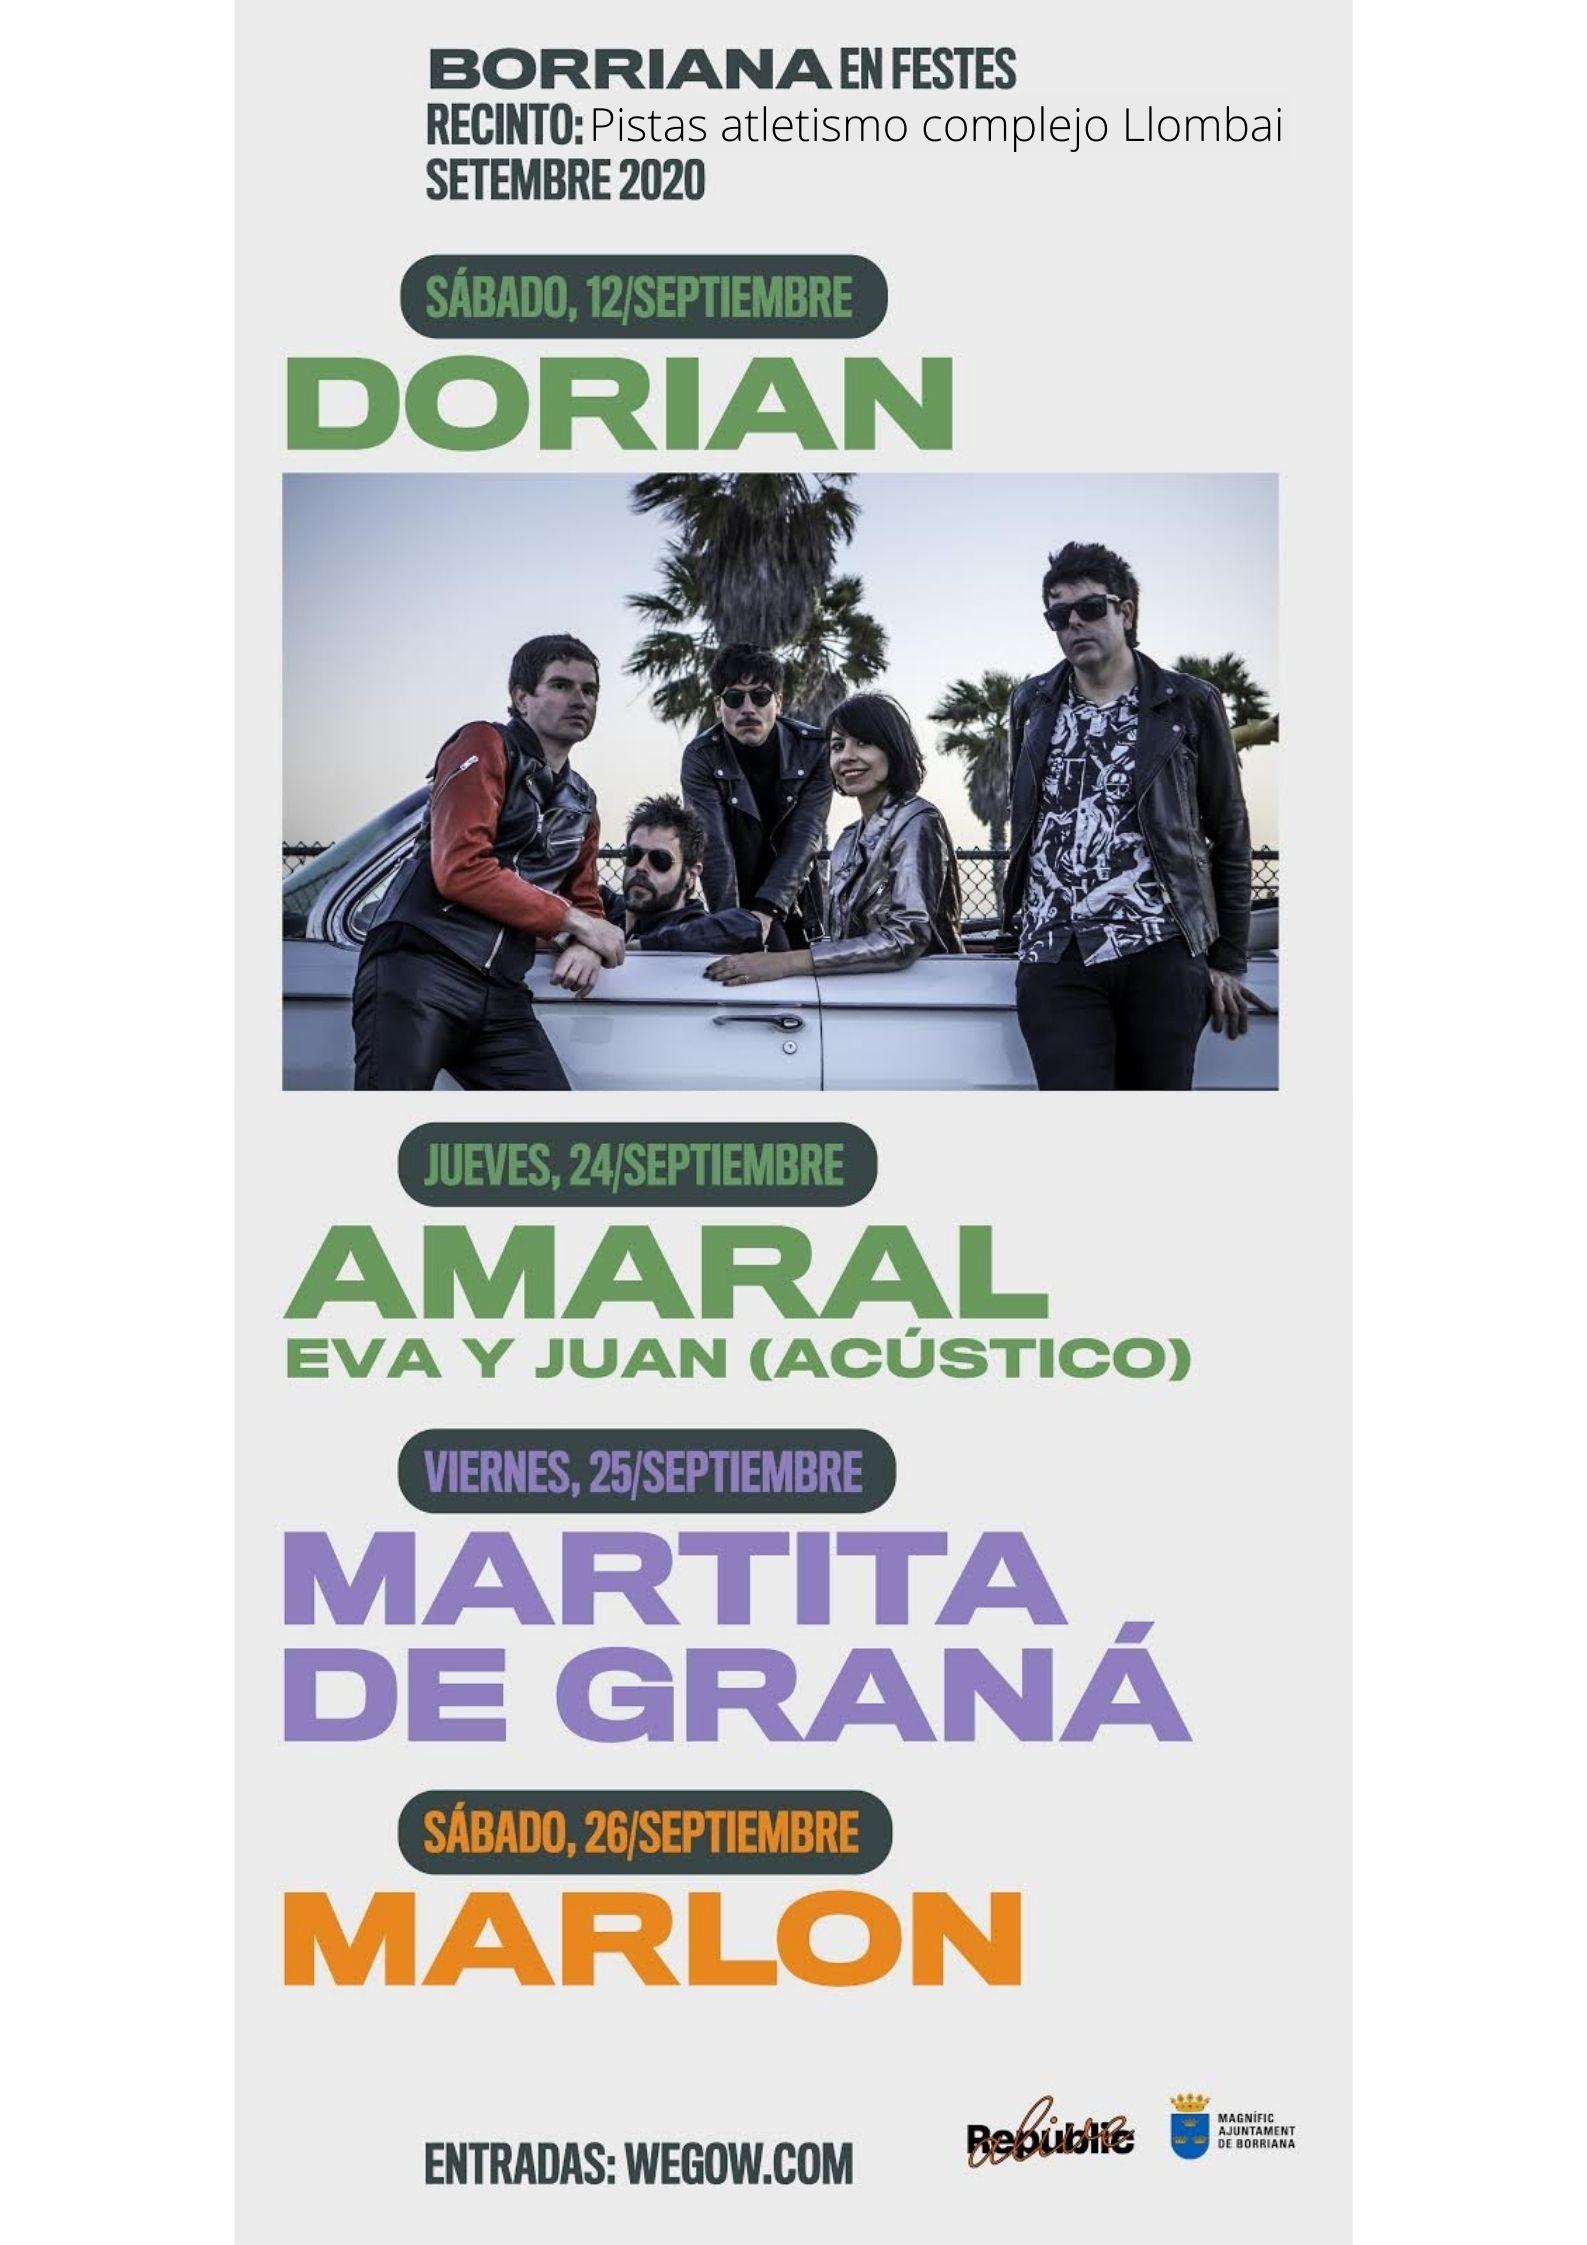 Sanidad autoriza un aforo de 800 personas para los conciertos de Amaral, Martita de Graná y Marlon en Borriana